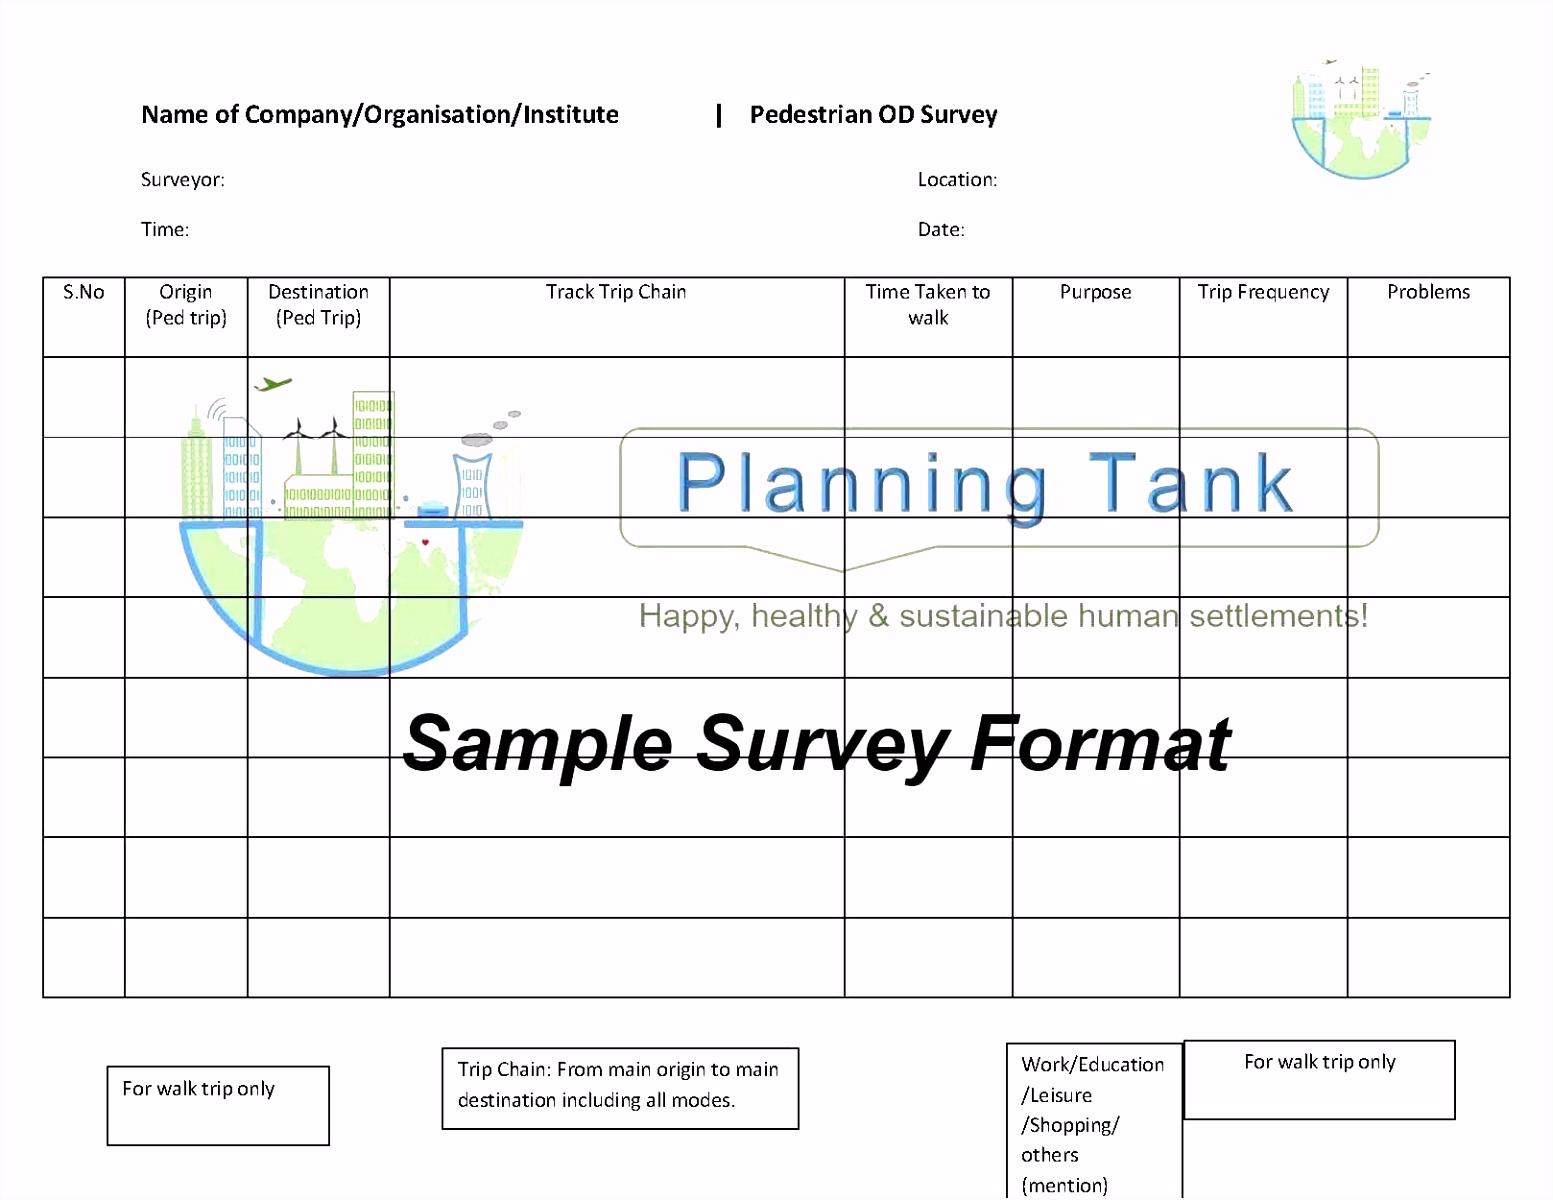 Multiprojektmanagement Excel Vorlage Multiprojektmanagement Excel Vorlage Für Diagramme Pareto Excel E1gn90hfg3 Kutuvsxdy2